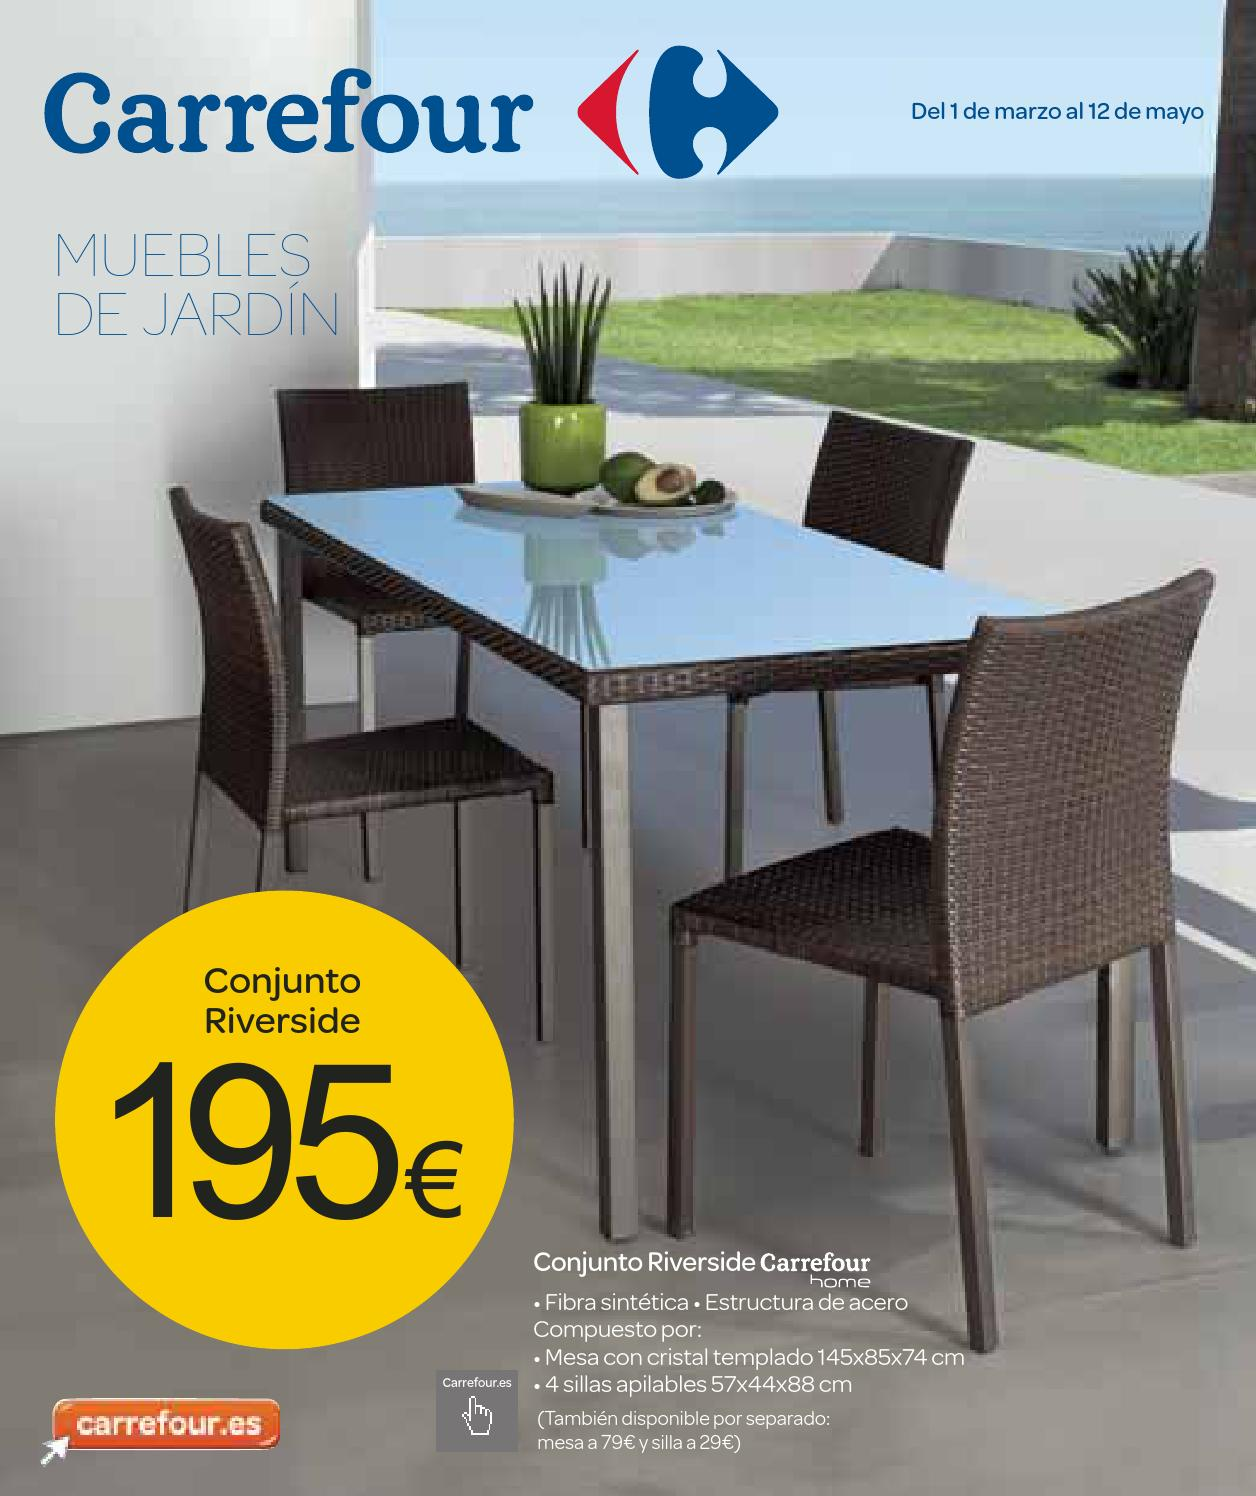 cc79f709620f Carrefour Muebles de Jardín by André Gonçalves - issuu